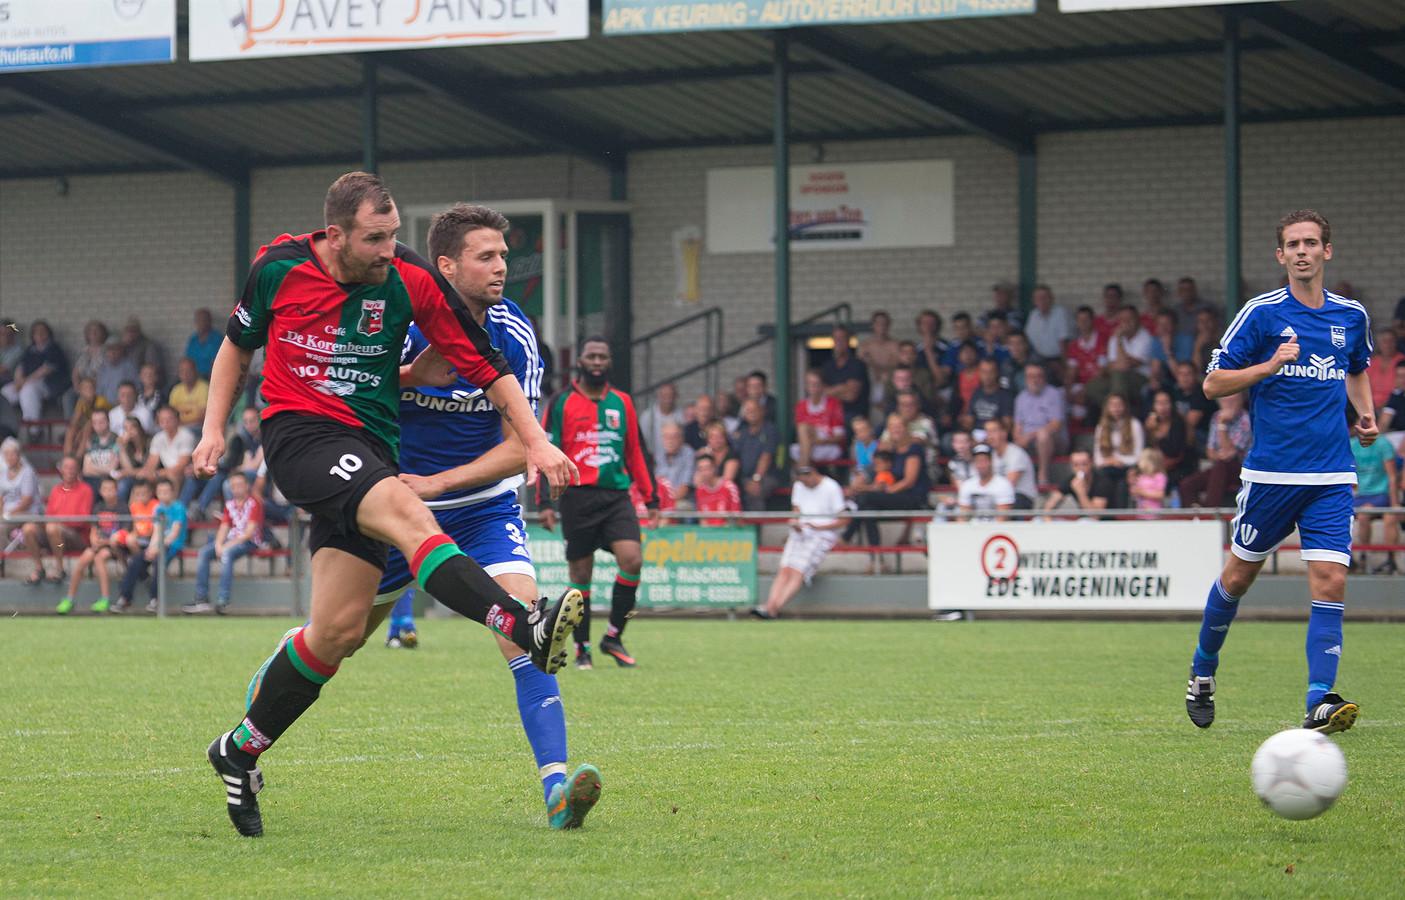 WAVV en DUNO speelden drie jaar geleden de finale om de Wageningen Cup.